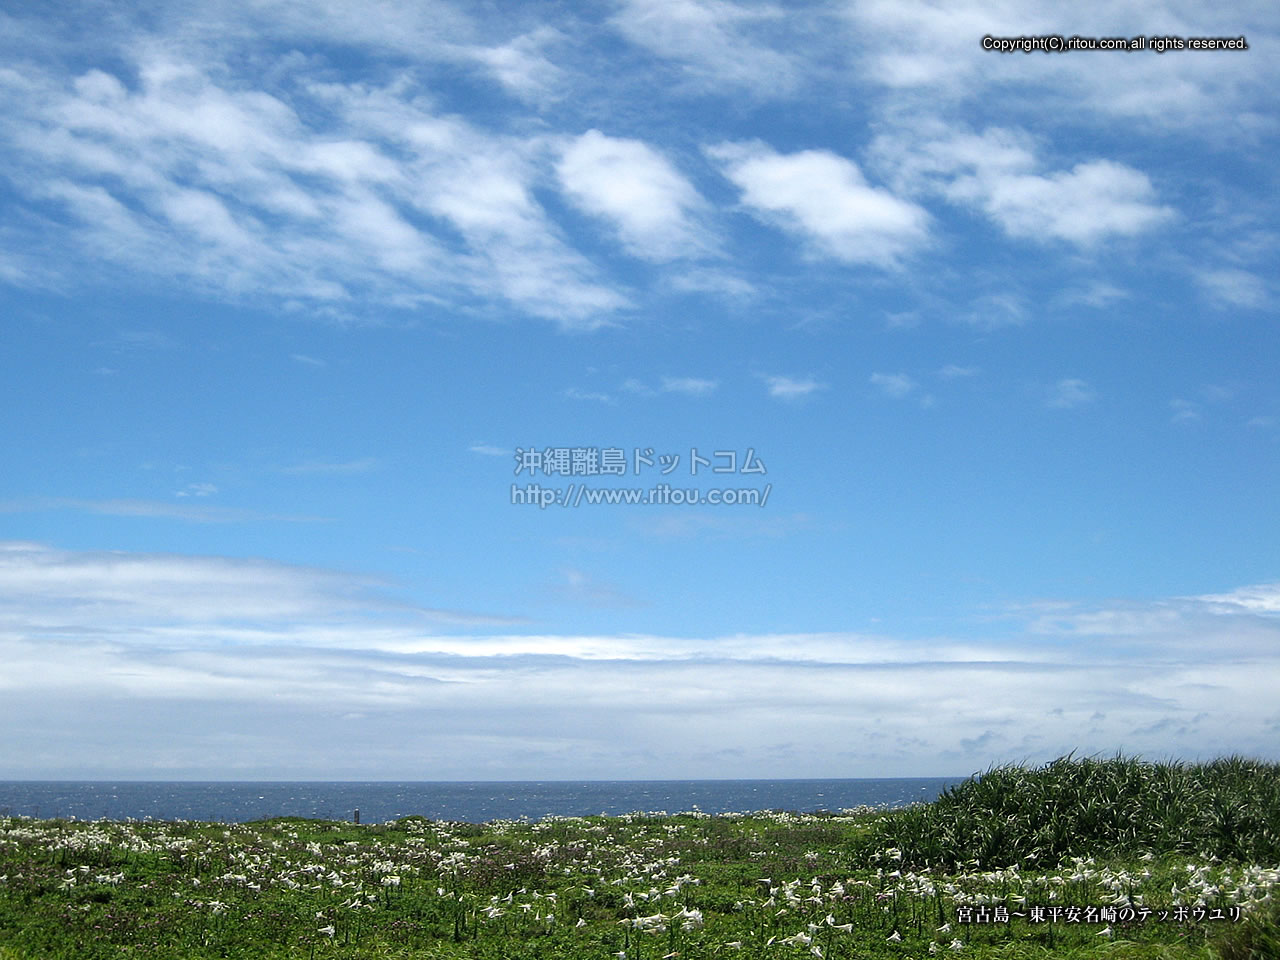 宮古島〜岬のテッポウユリ